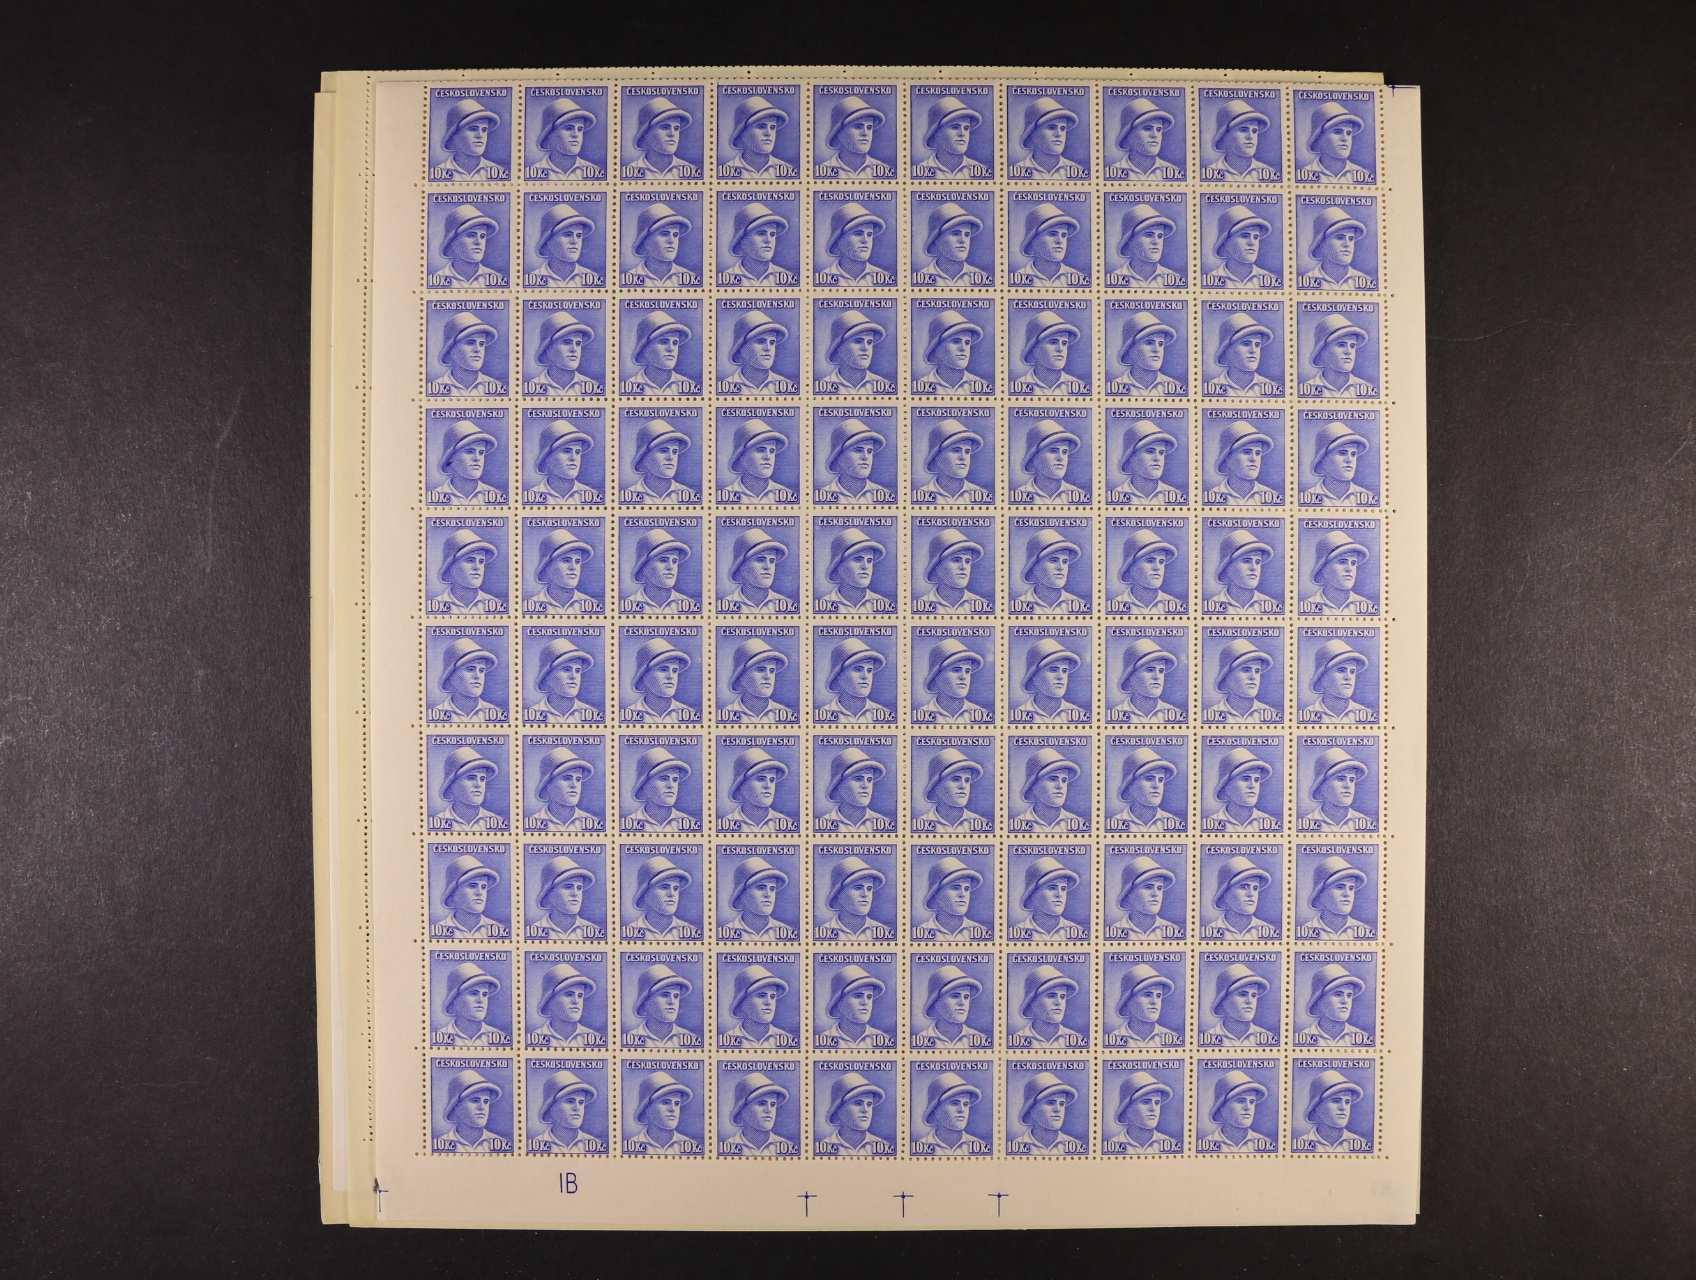 zn. č. 387 - 402 ve 200kusových arších s DZ 1 A, resp. 1 B, vč. DV, kat. cena min. 2400 Kč